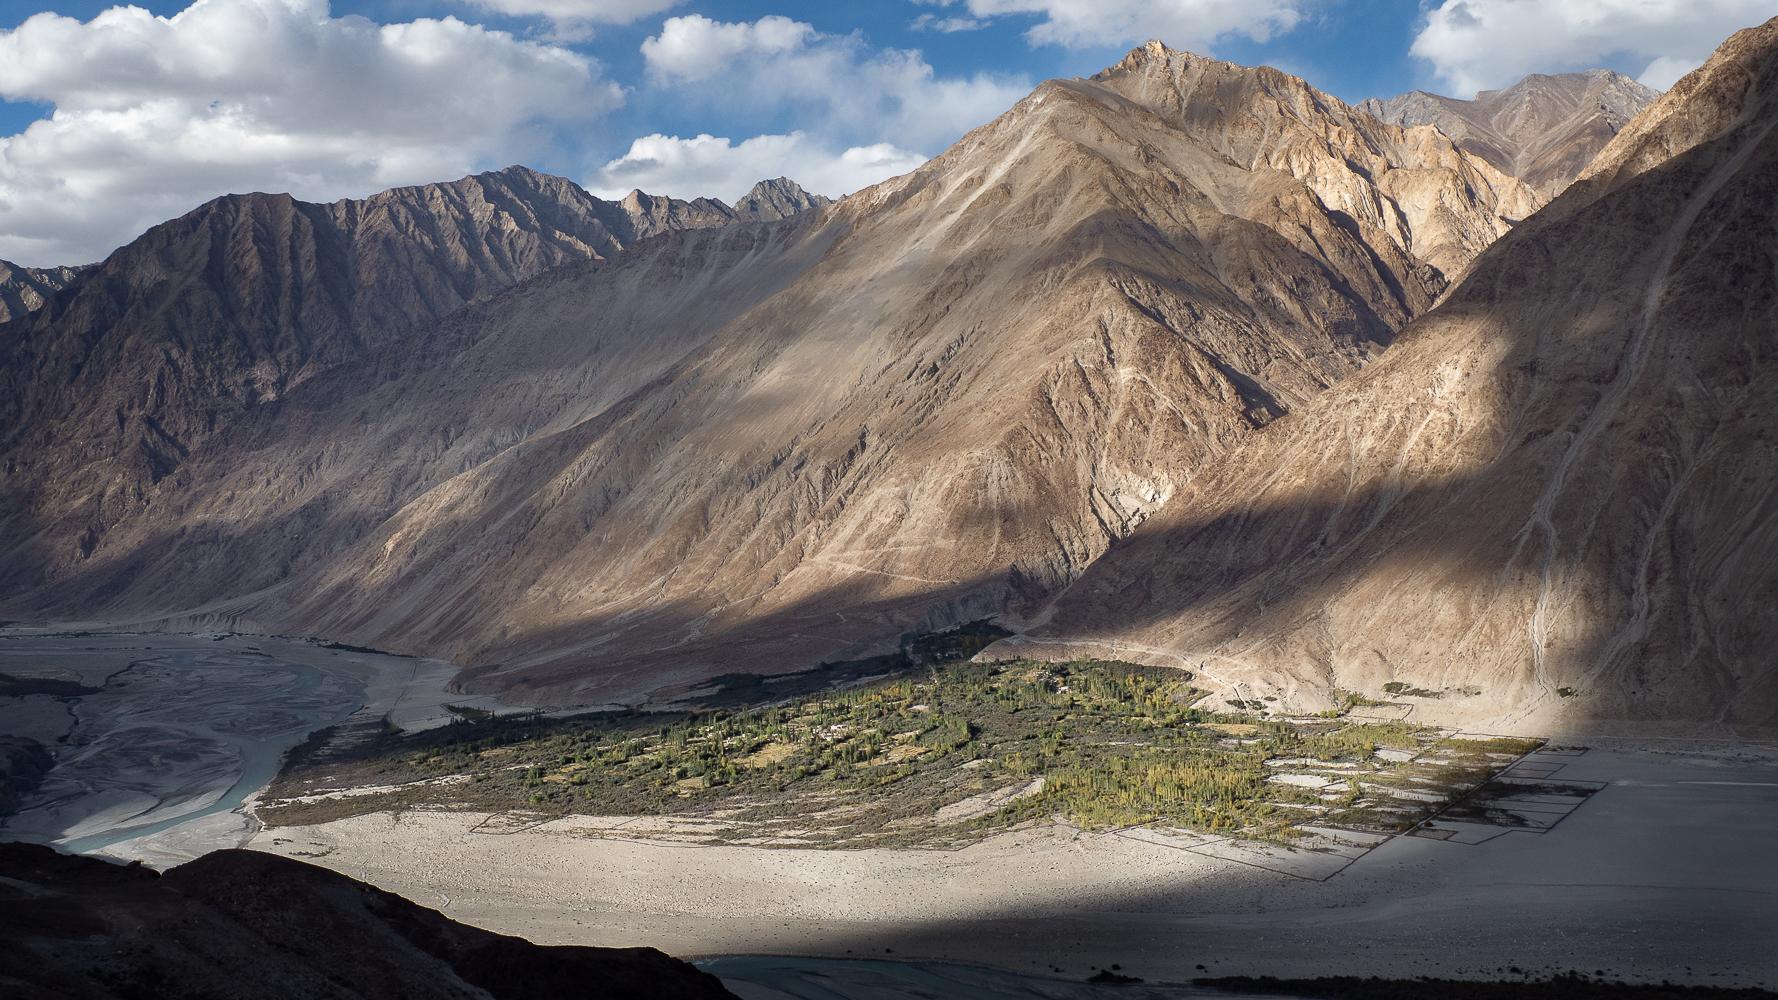 Nubra valley, Terith, India